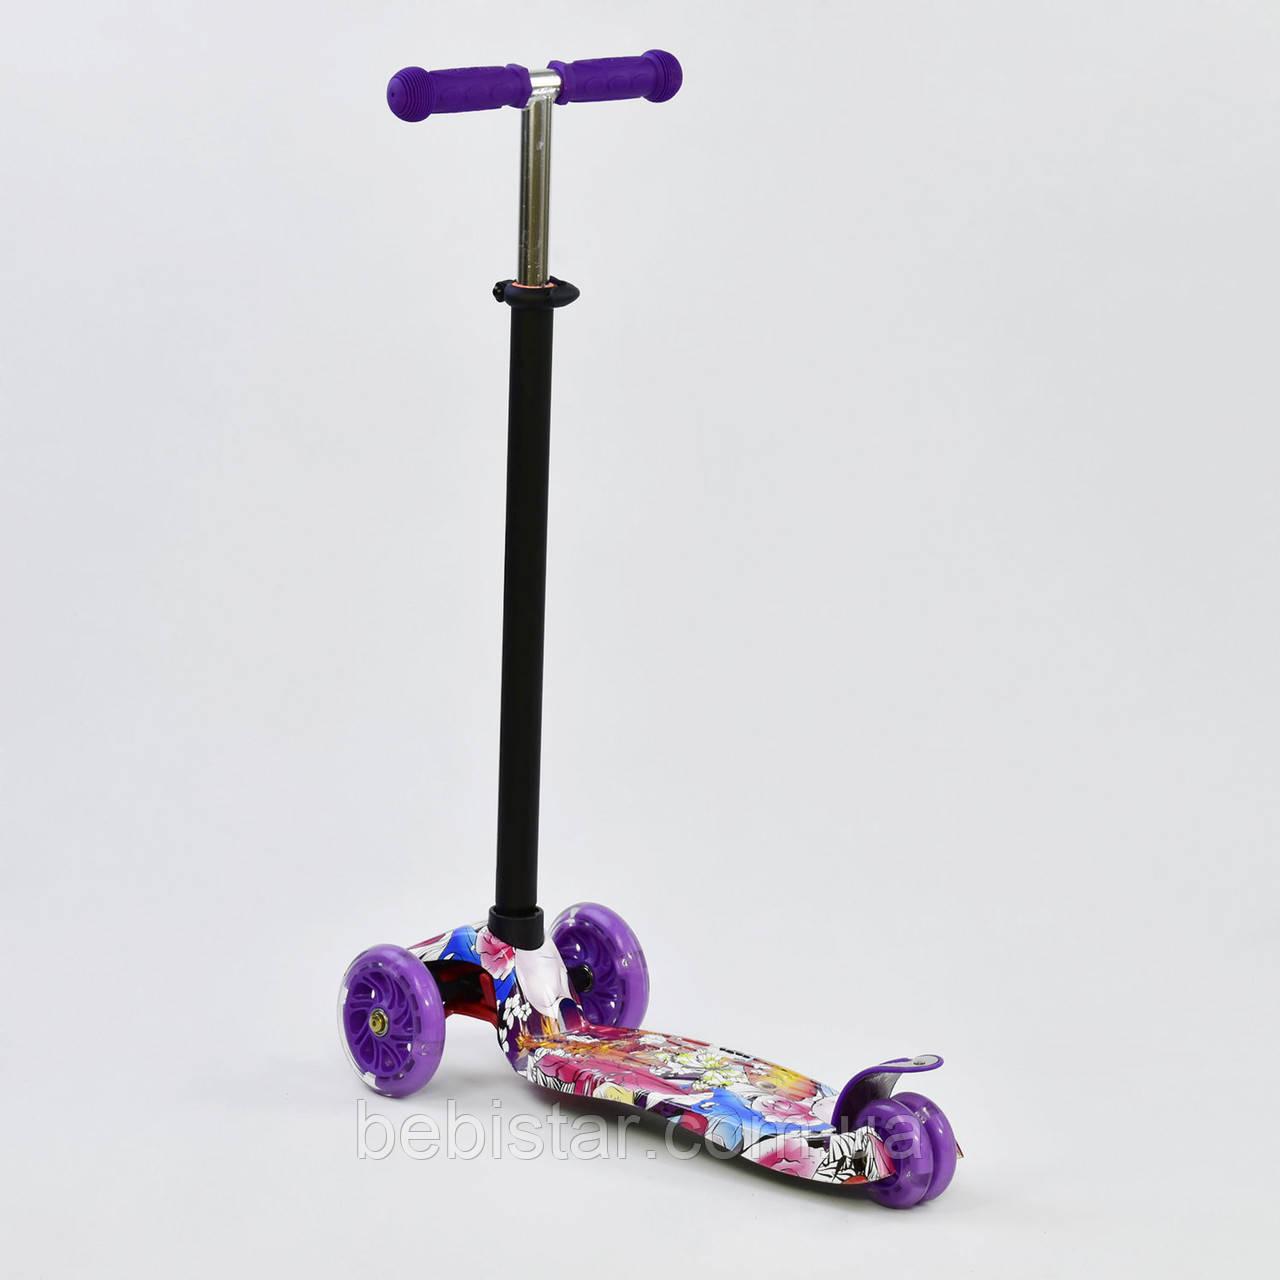 Самокат дитячий графіті фіолетове MAXI Best Scooter зі світними фіолетовими колесами від 3 років